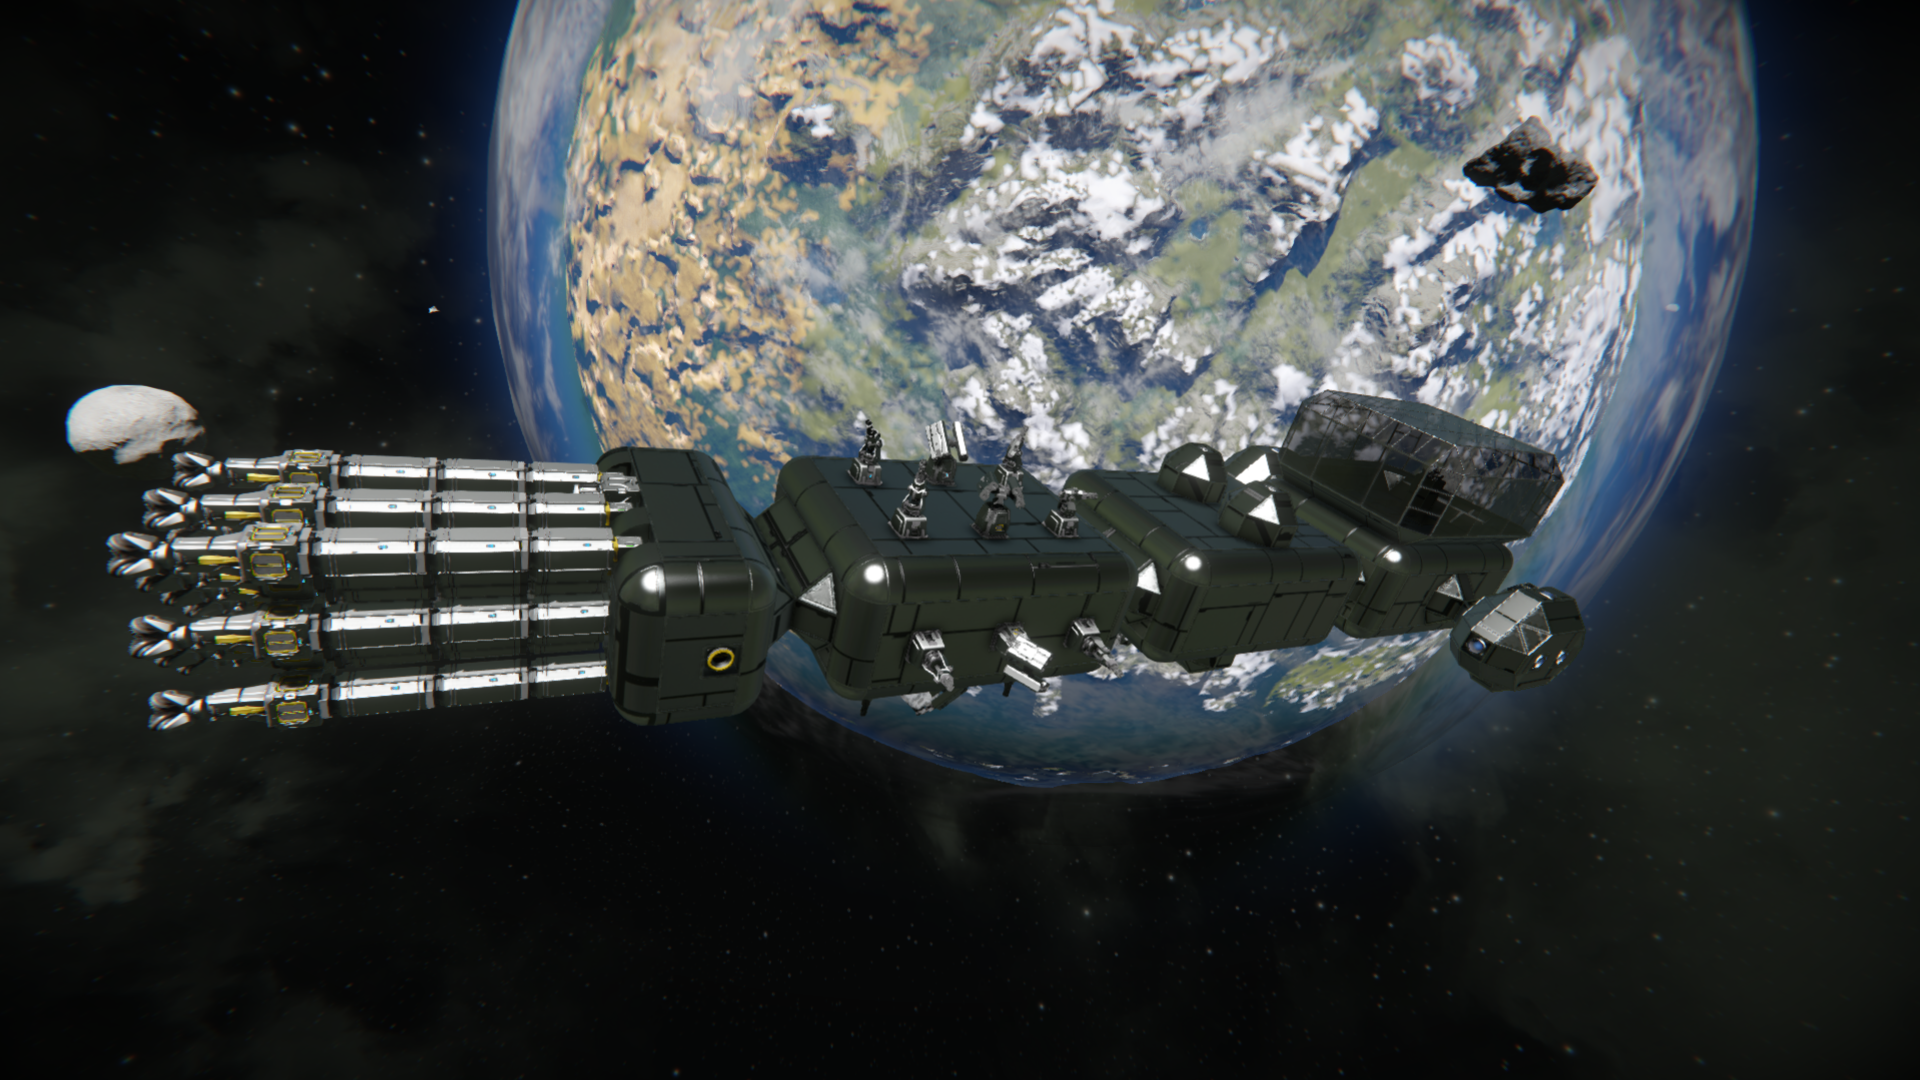 Space Engineers: Глава 9: Строительство большого материнского модульного корабля. Фаза 2. Перестройка